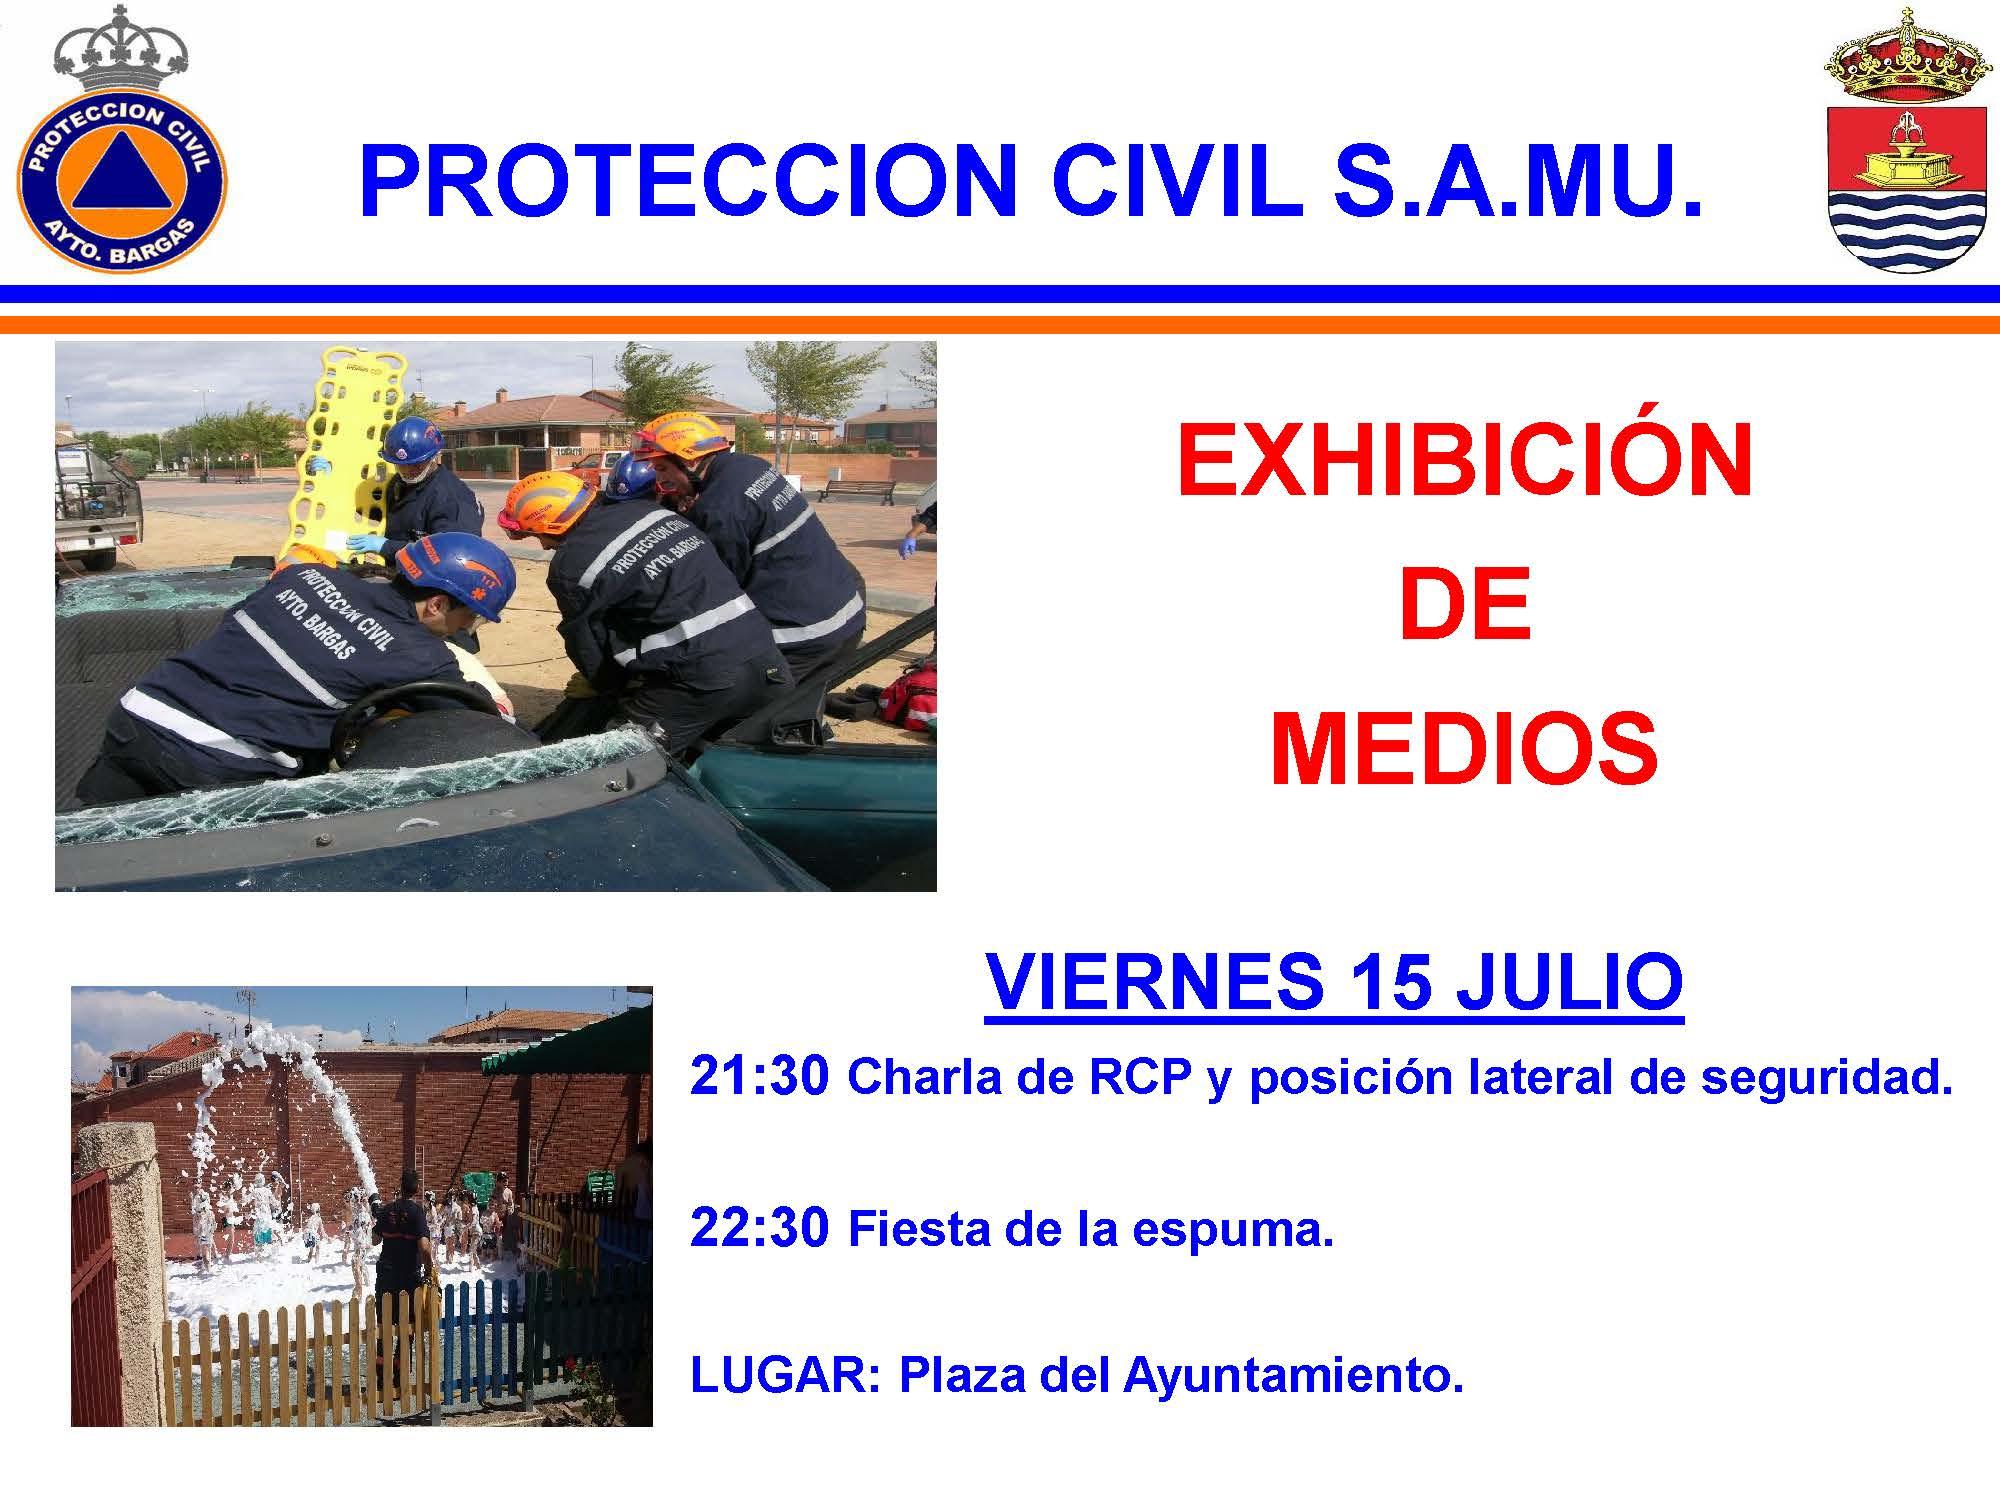 Exhibición de protección civil